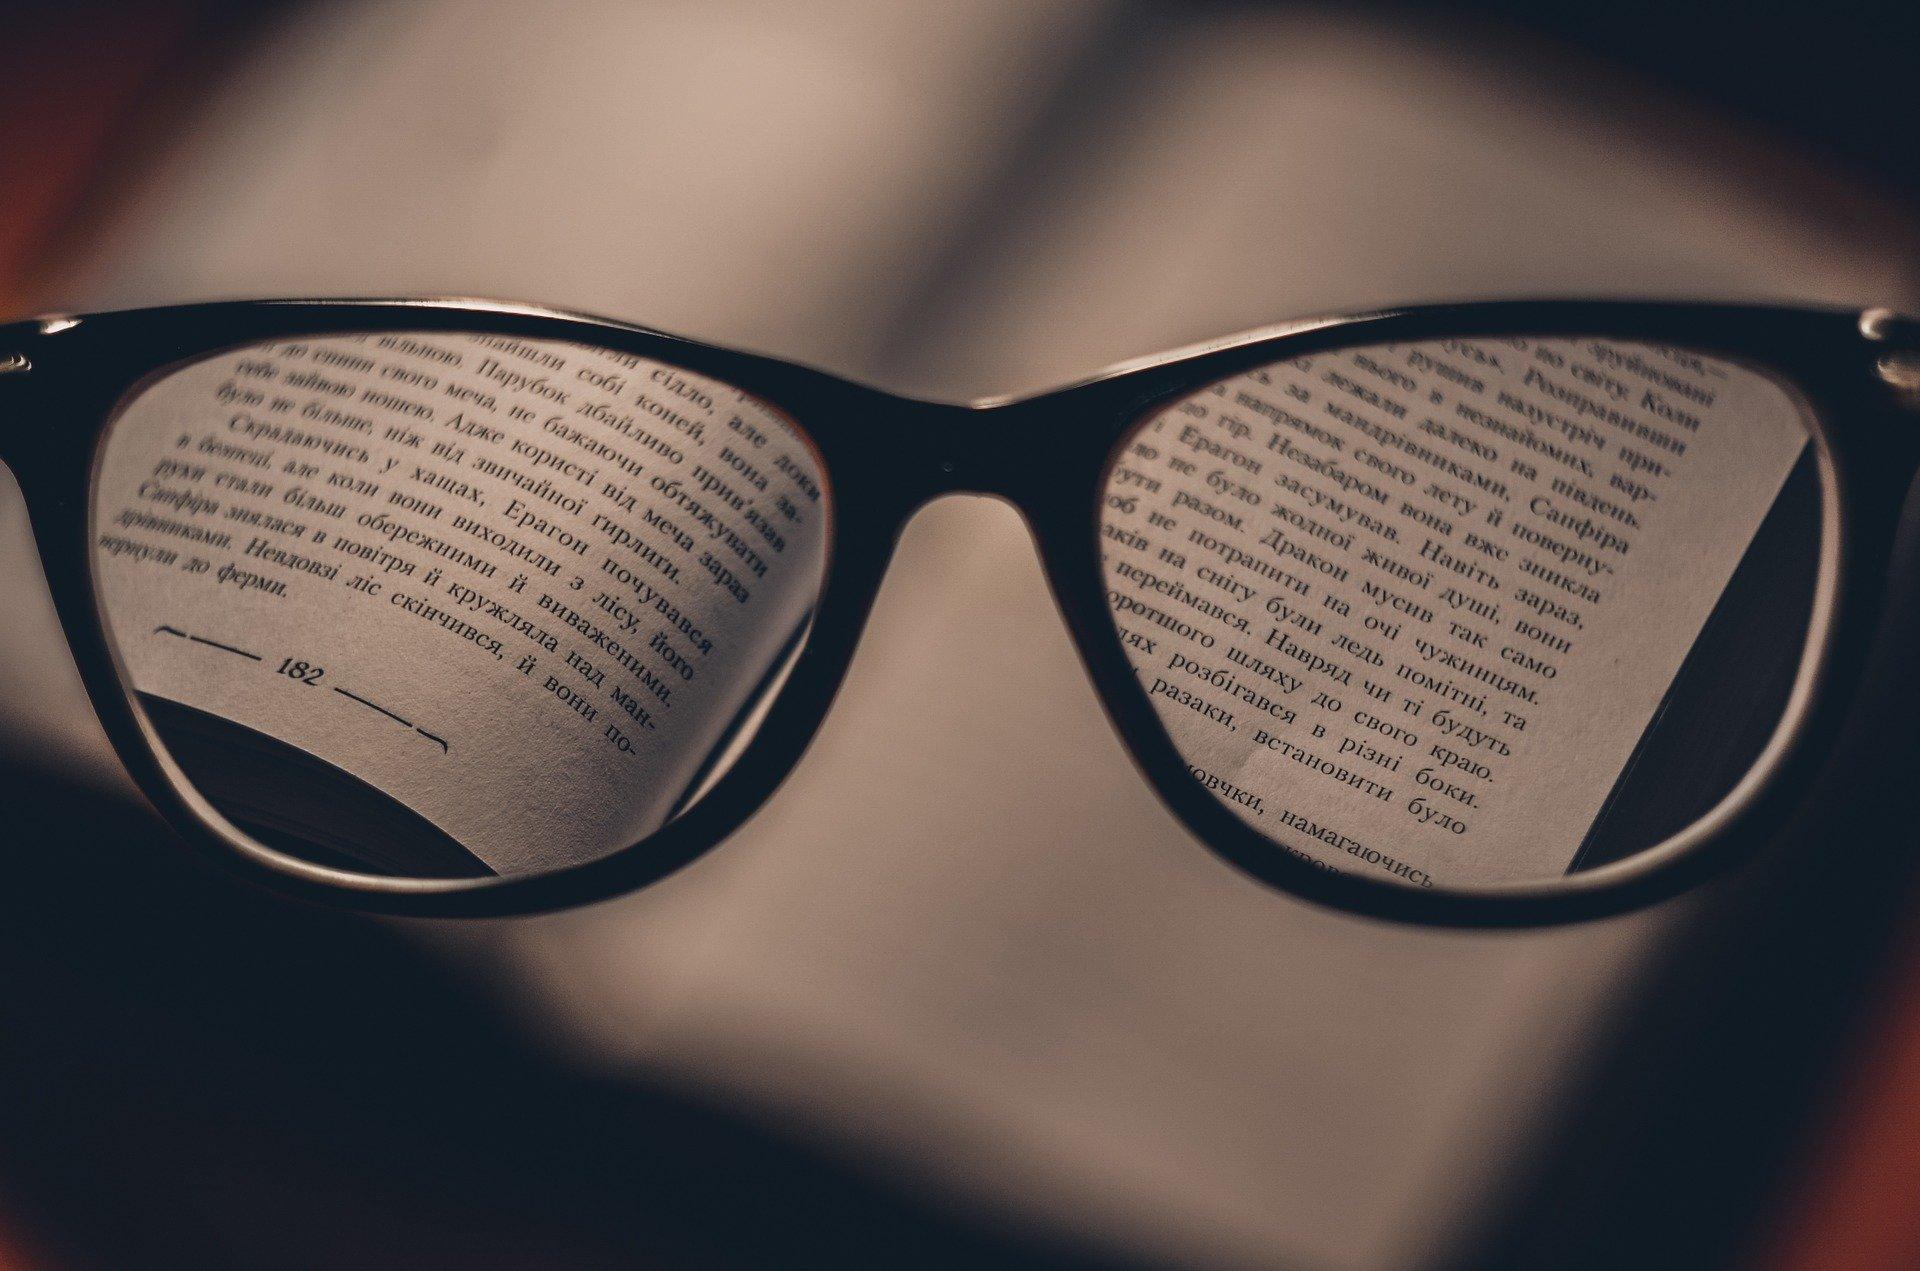 Kesulitan Fokus Saat Belajar? 7 Tips Dan Cara Belajar Agar Fokus Berikut Wajib Kamu Coba!